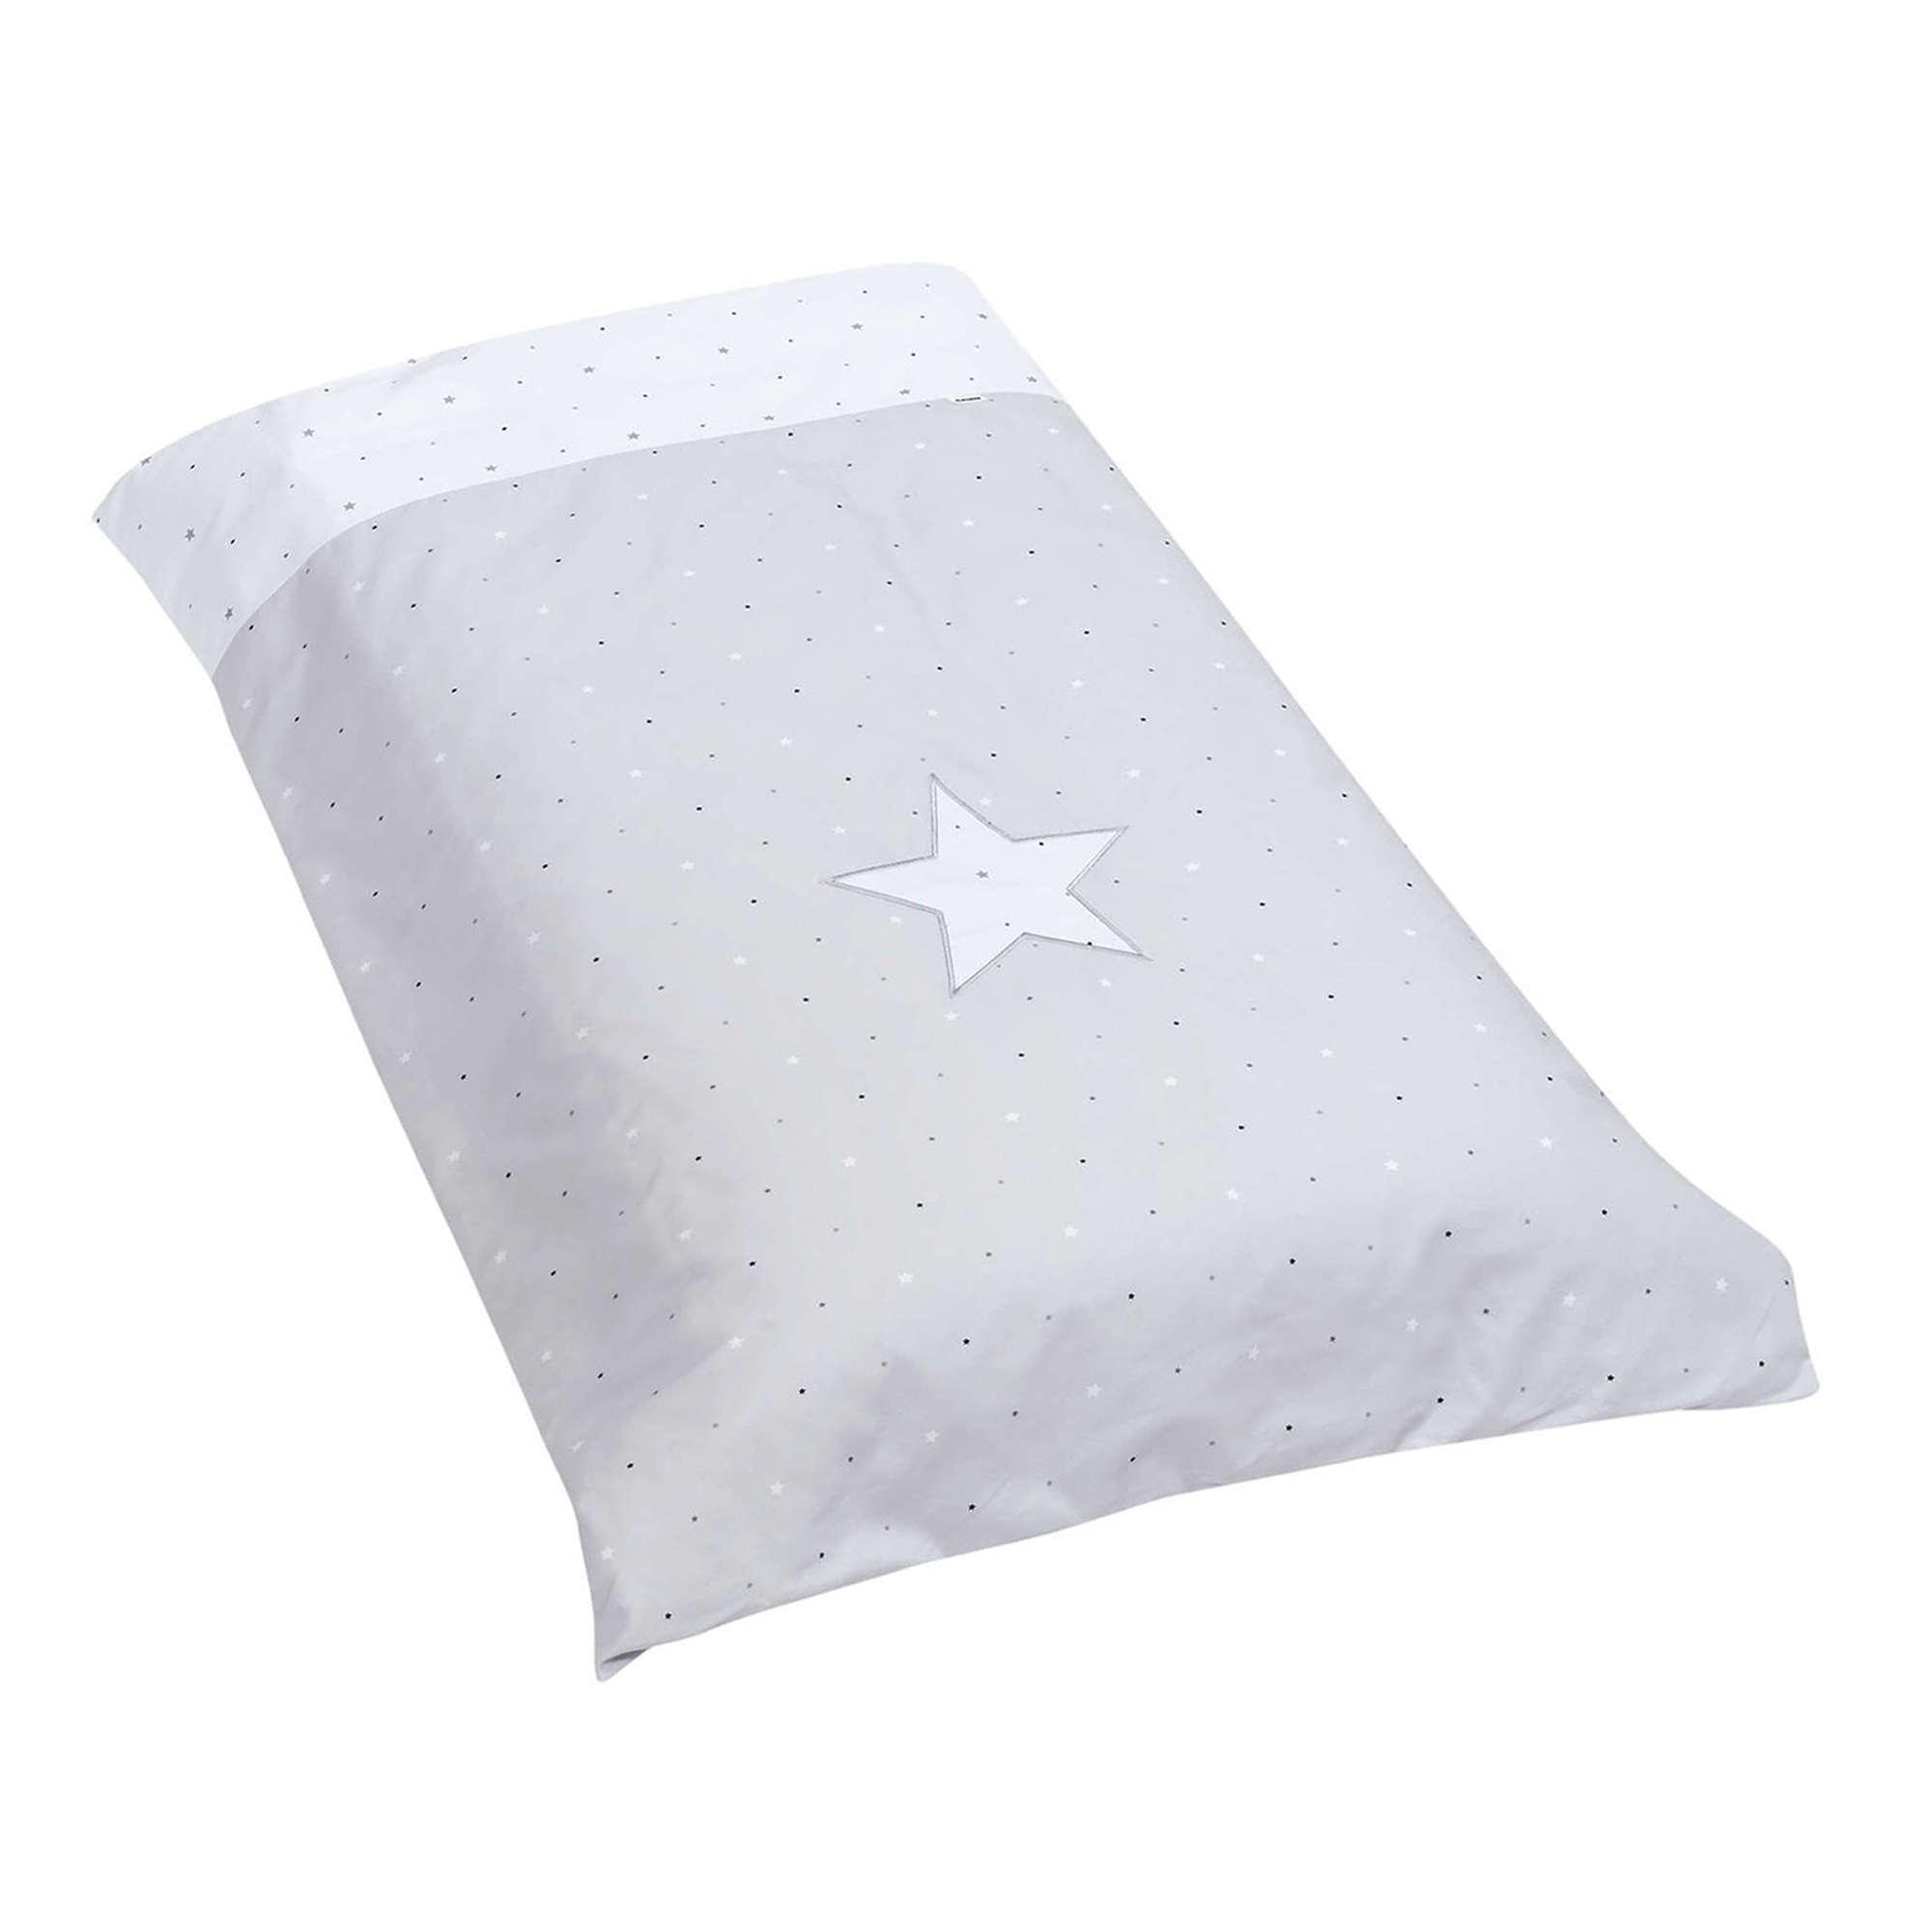 Nórdico de cuna cama convertible70x140 cm Galaxy